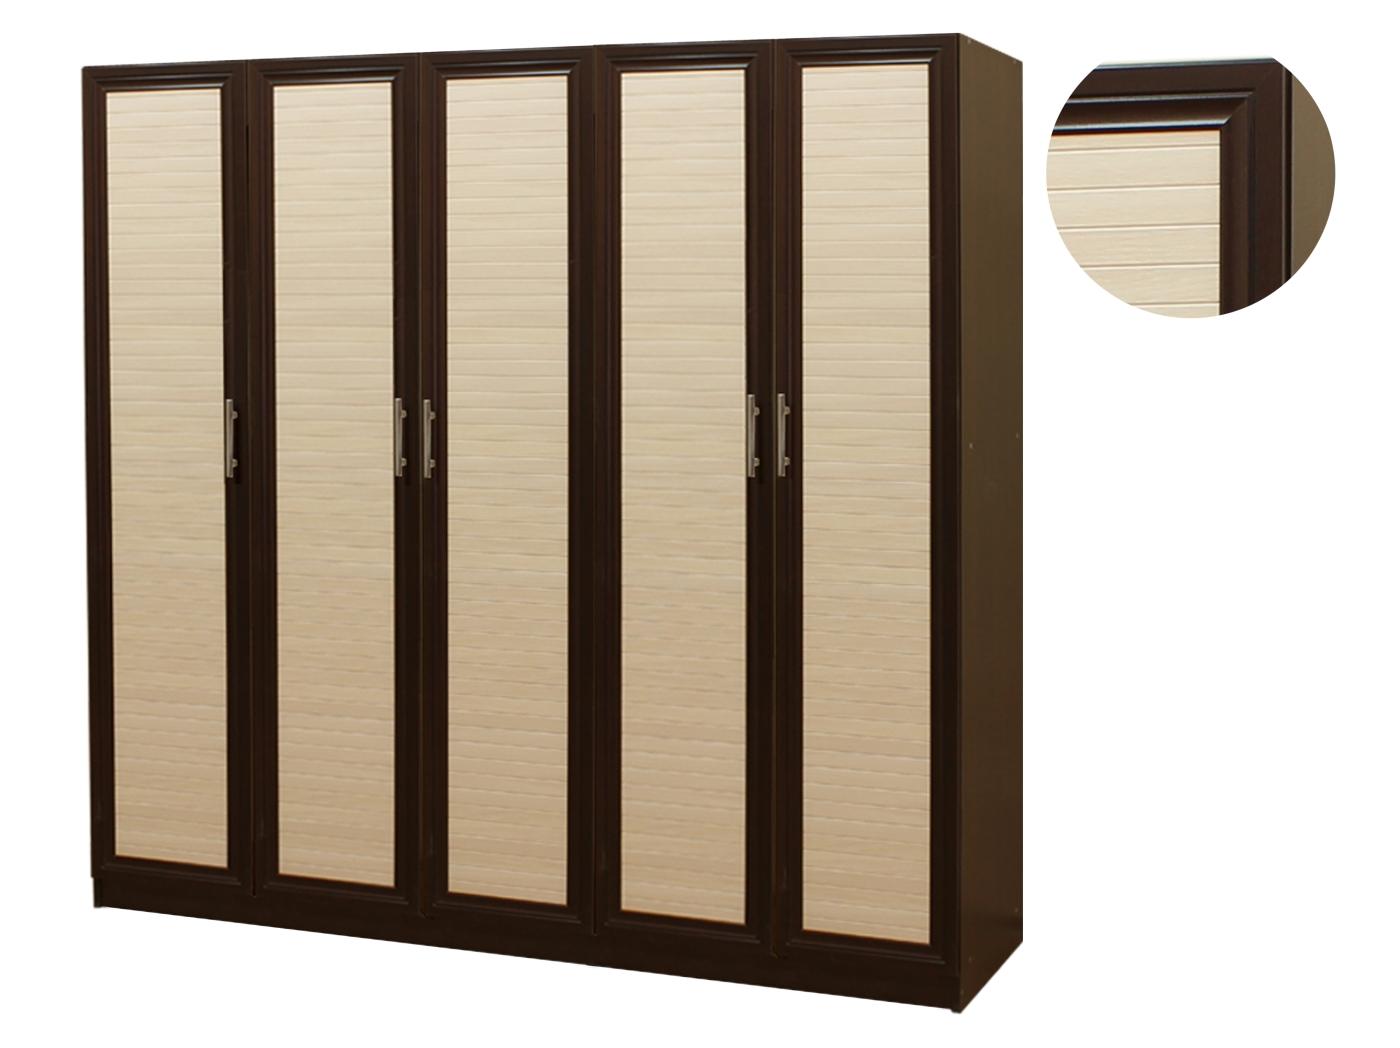 Шкафы распашные - количество дверей, шт.: 5; комплектация: б.